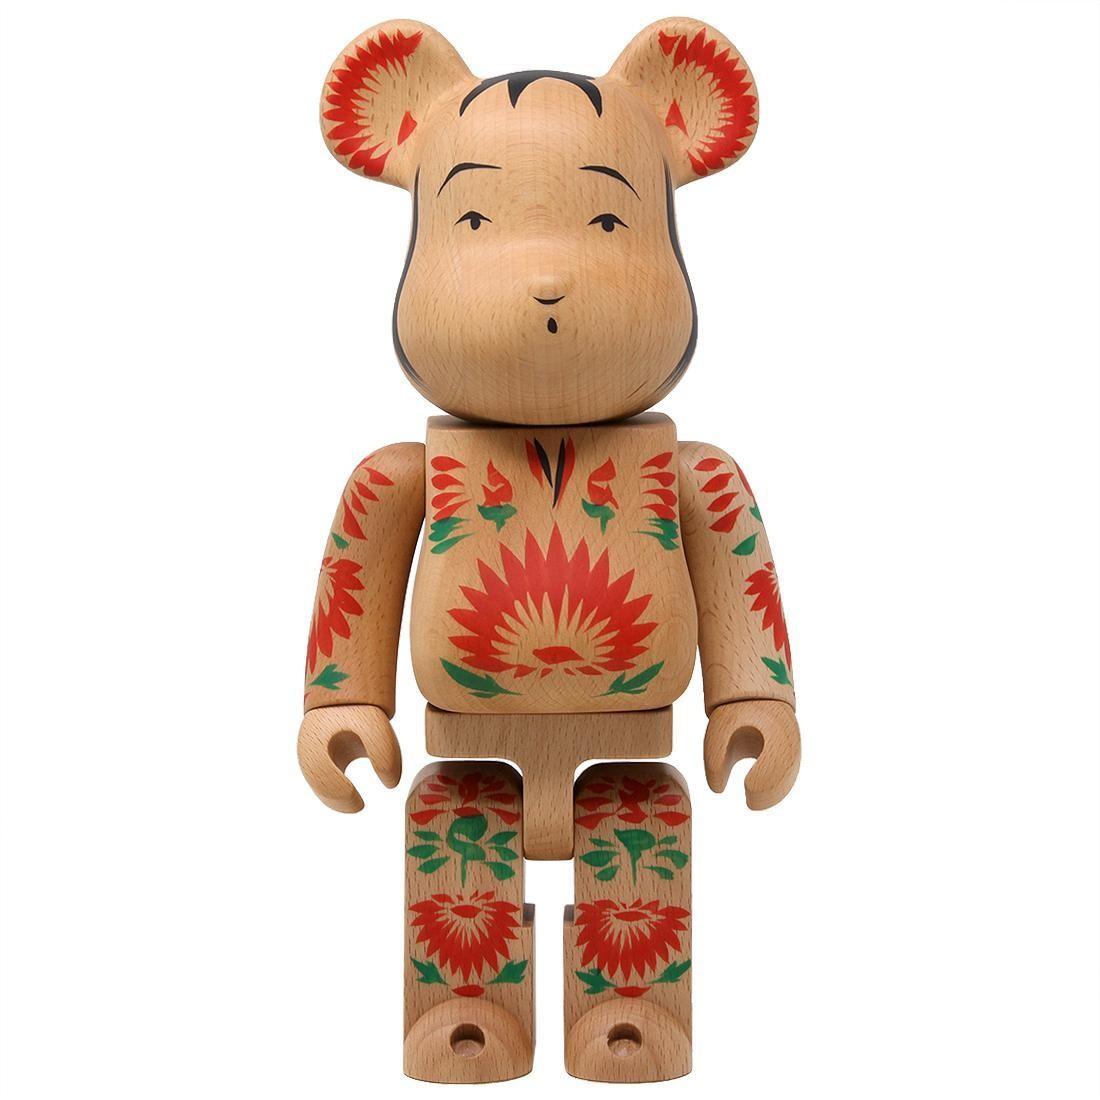 Medicom Karimoku Kokeburick 400% Bearbrick Figure (tan)